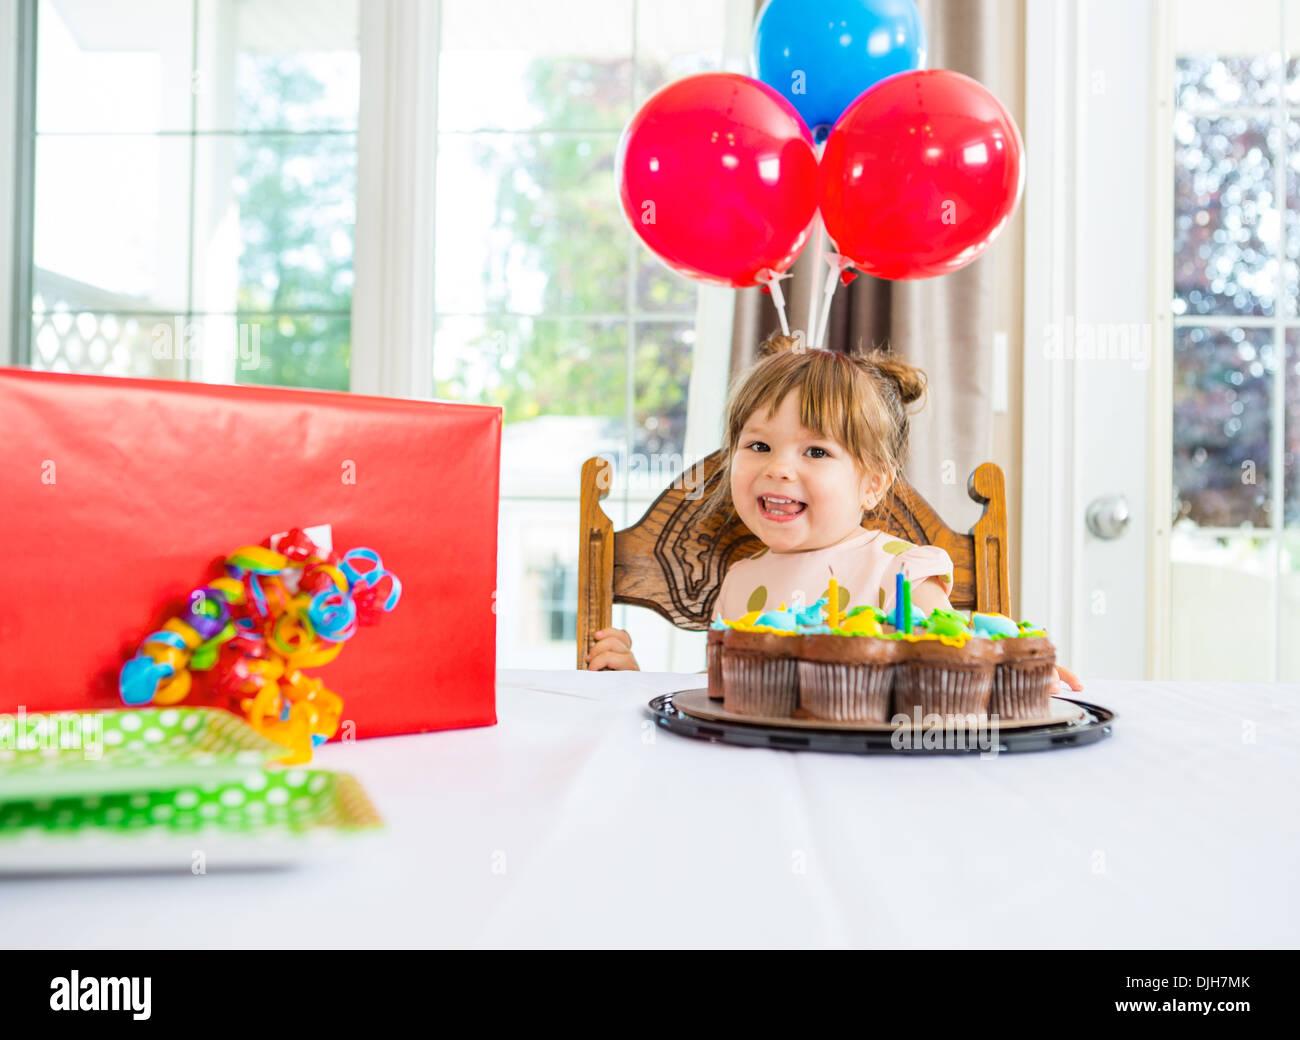 Fille d'anniversaire avec gâteau et présents sur la table Photo Stock